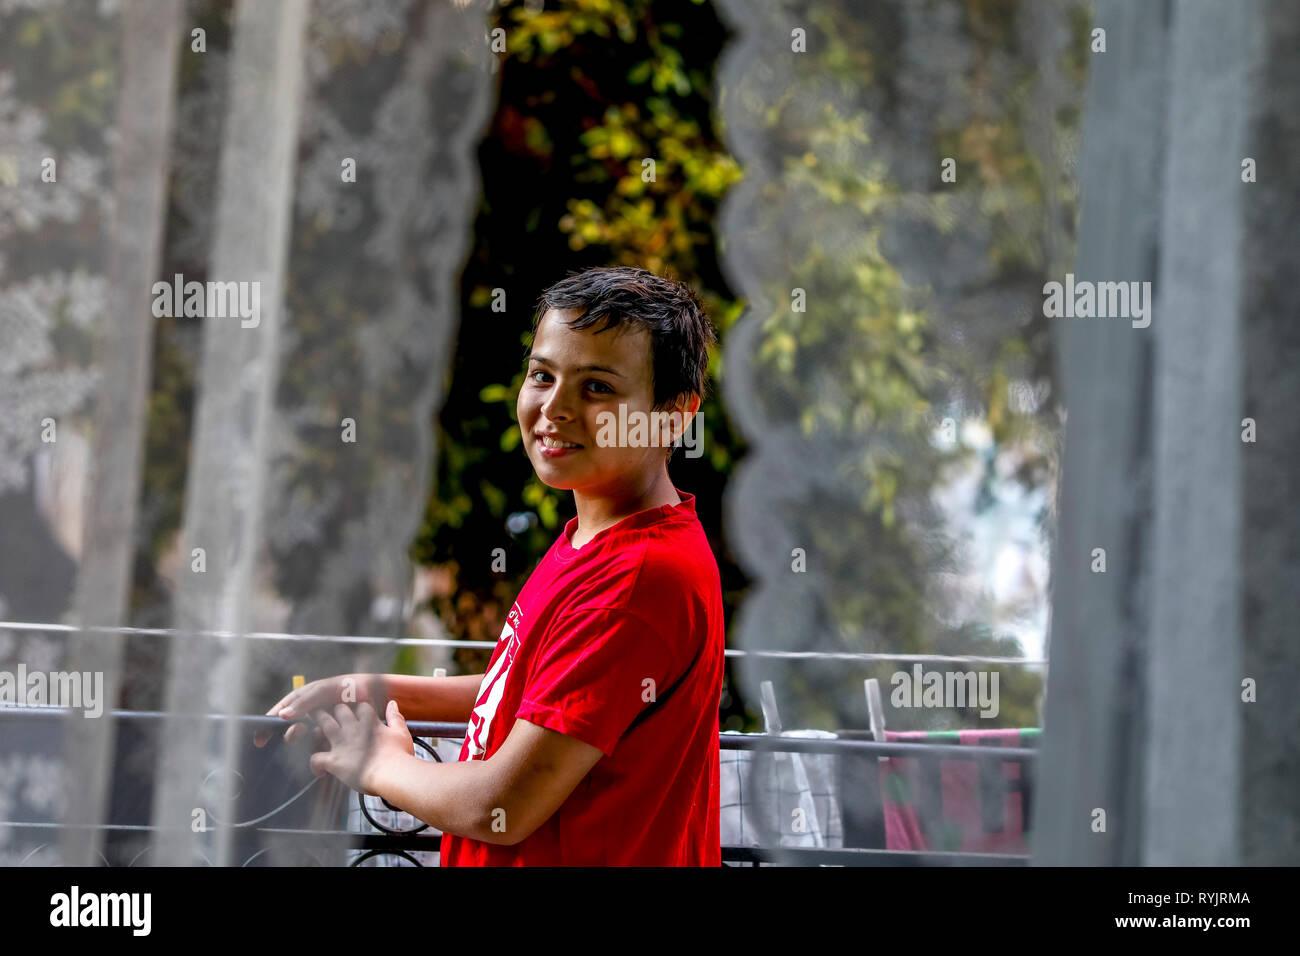 12-año-viejo muchacho de pie en un balcón en Palermo, Sicilia (Italia). Imagen De Stock